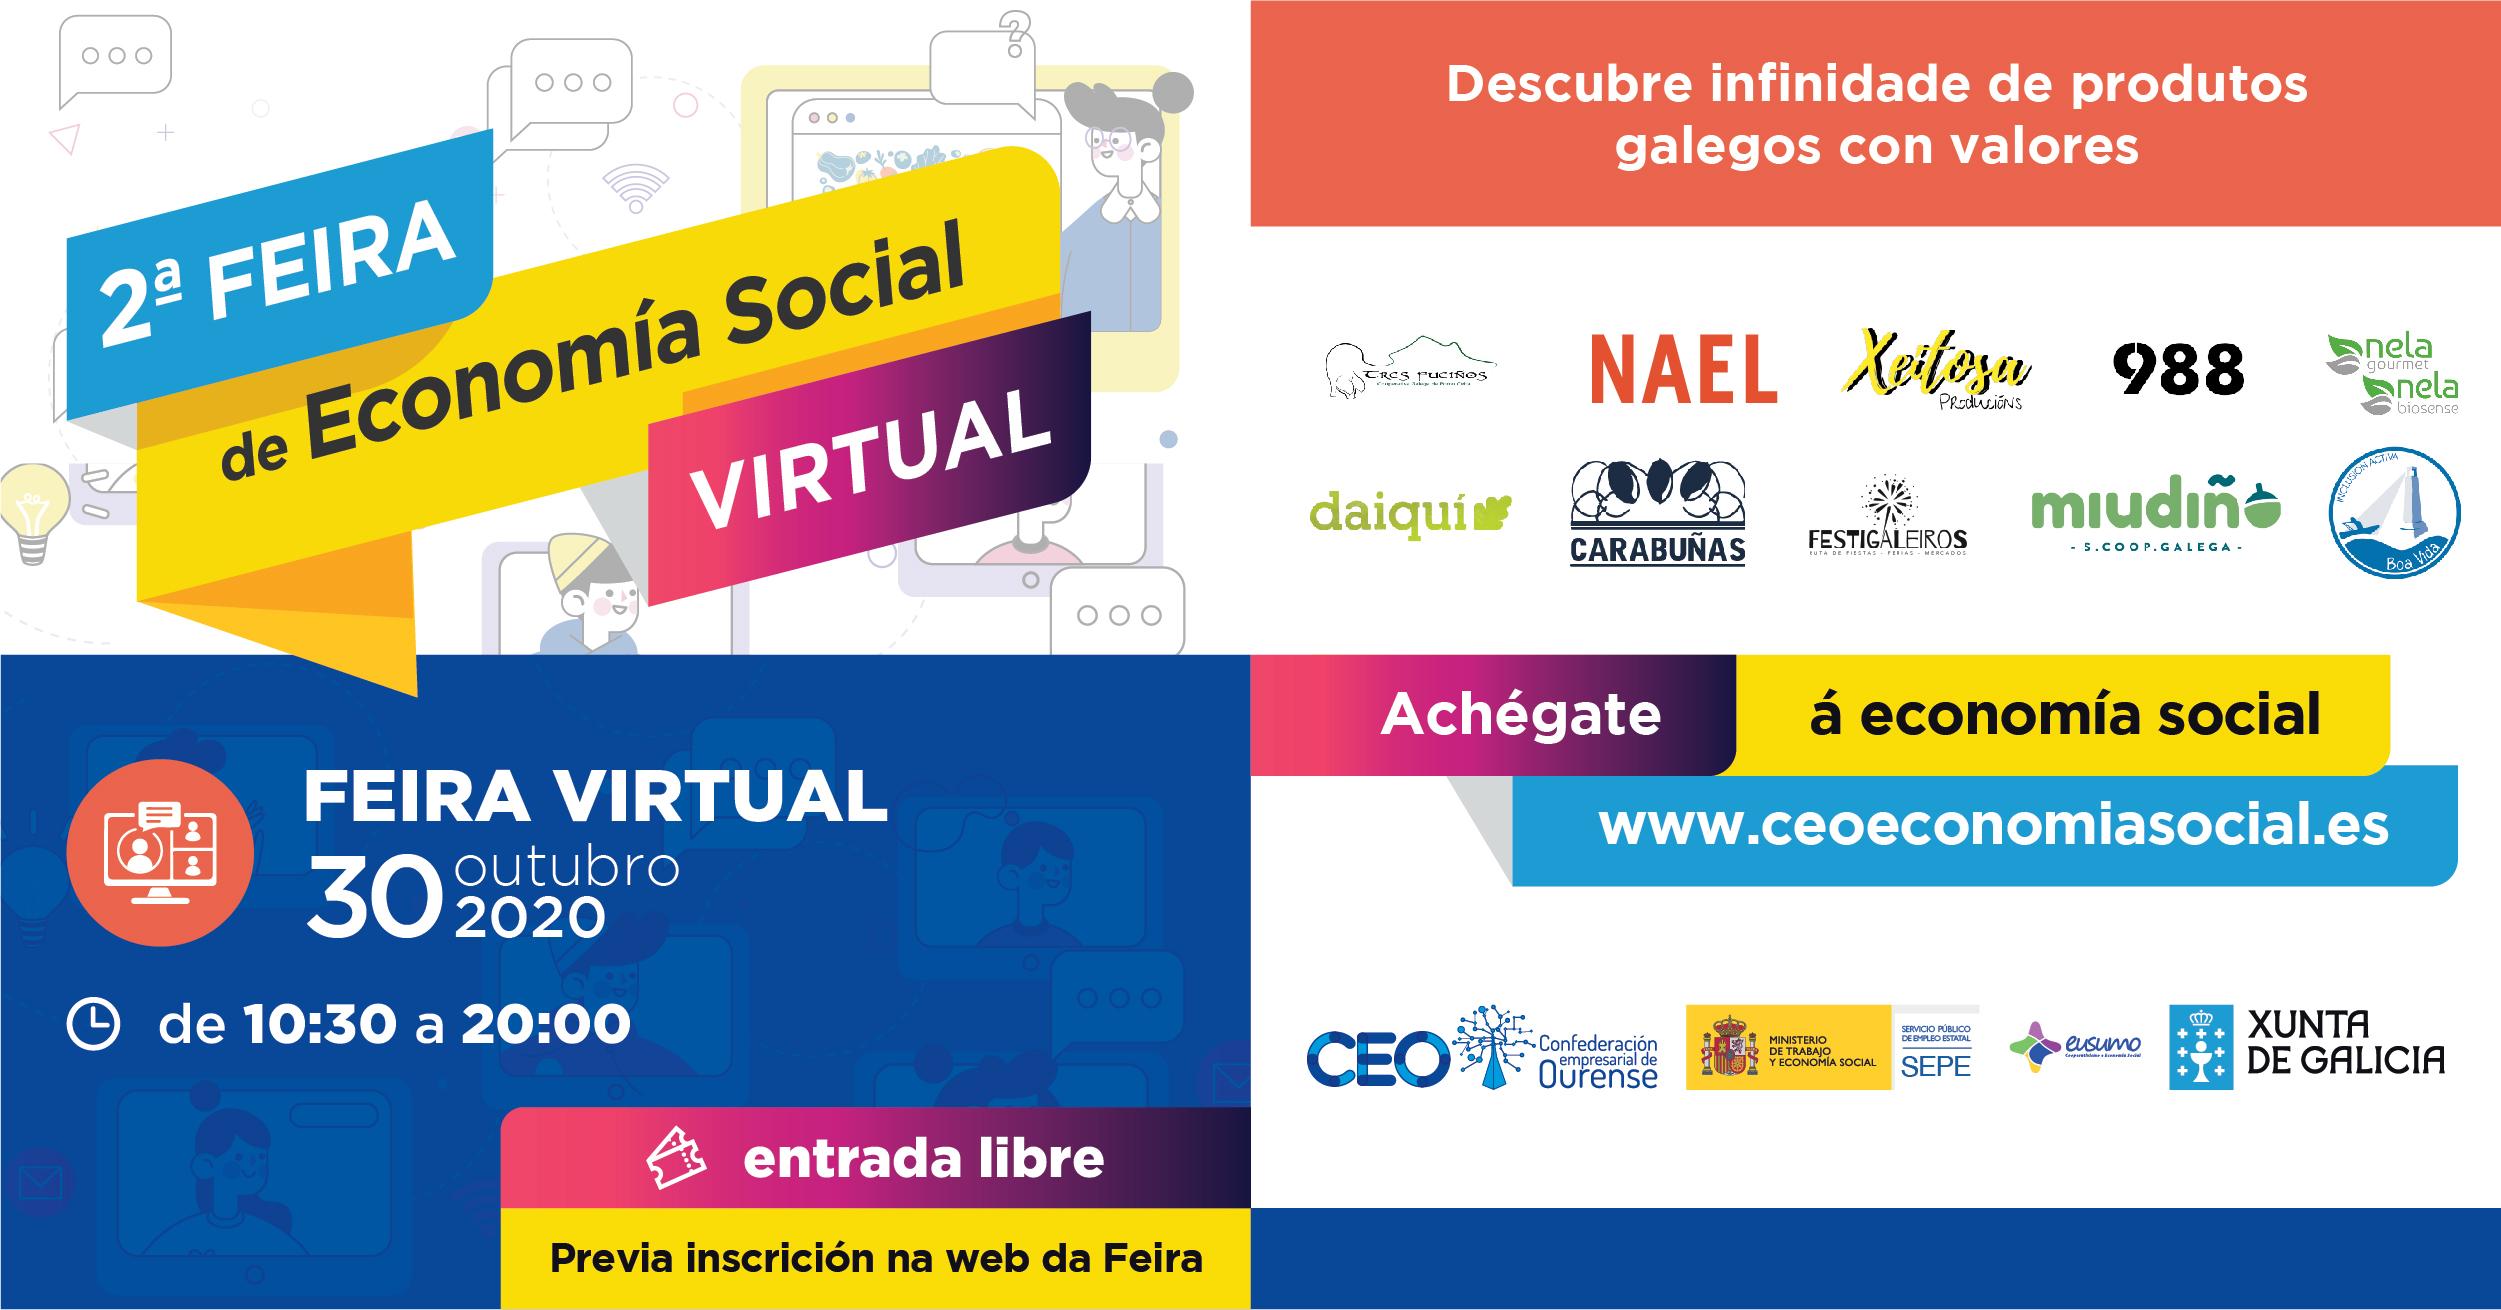 2ª Feira de Economía Social Virtual